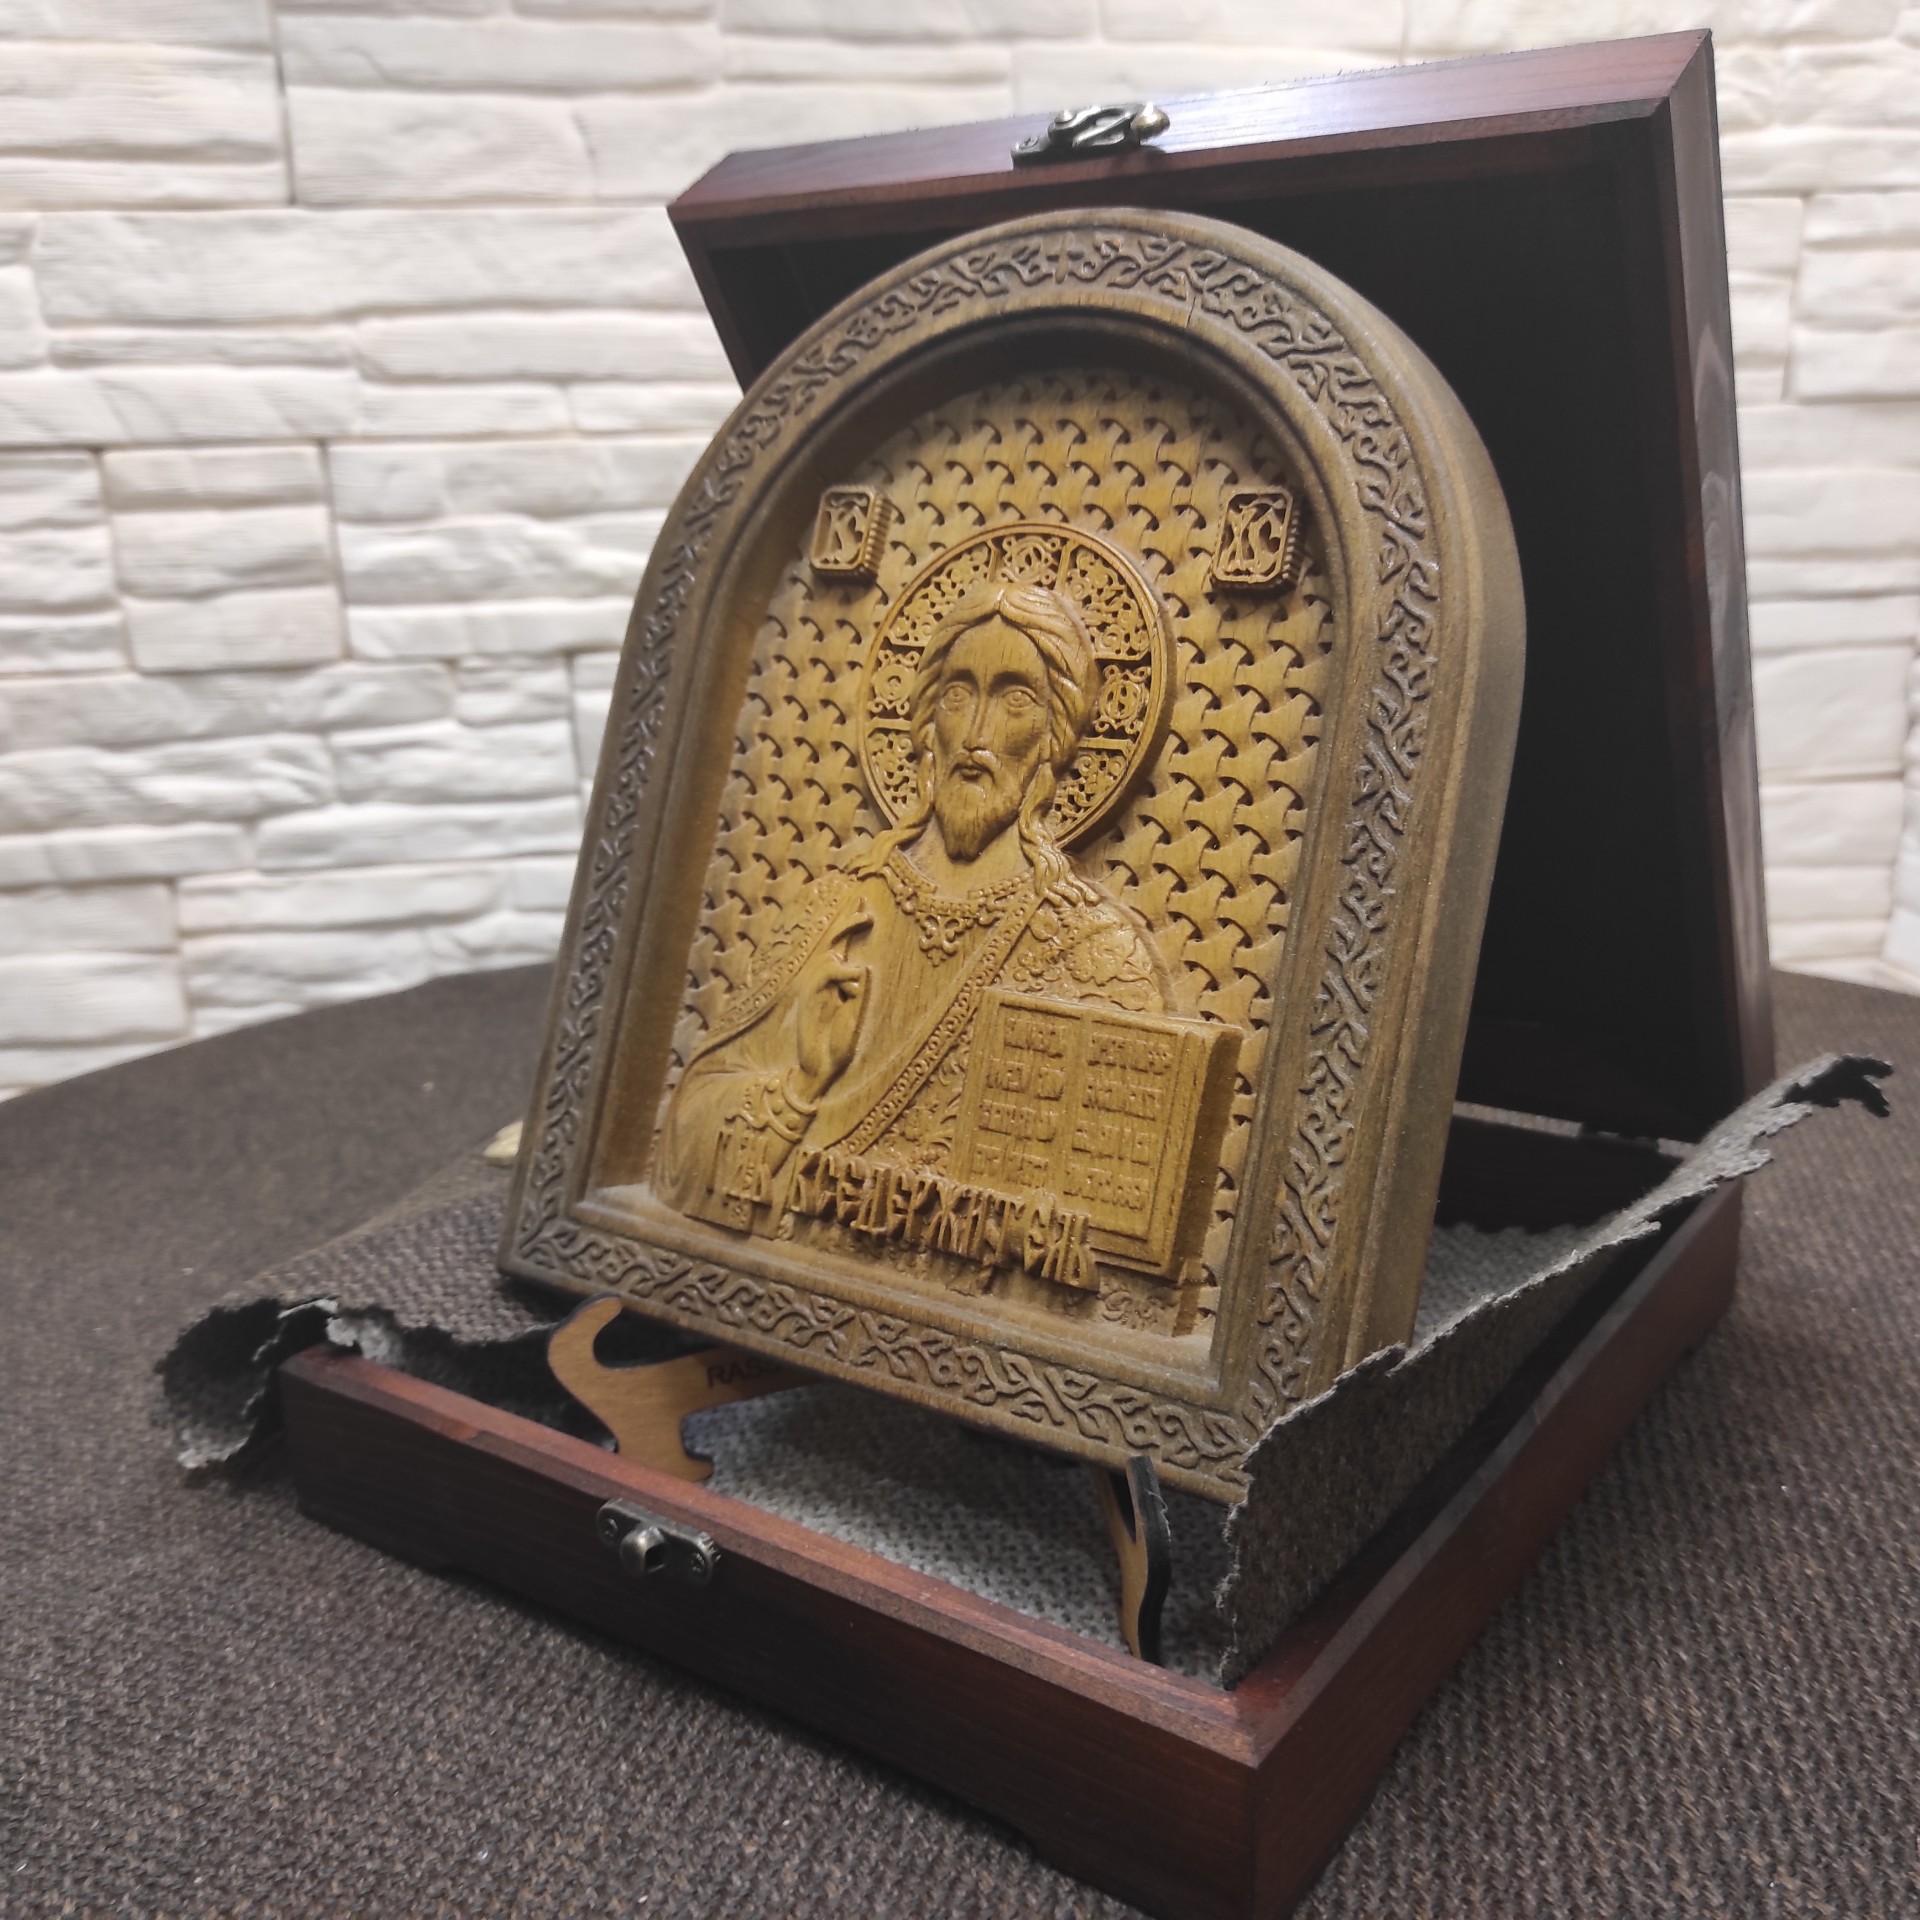 Фото резной иконы Господа Вседержителя в округлой раме на подставке с подарочным футляром